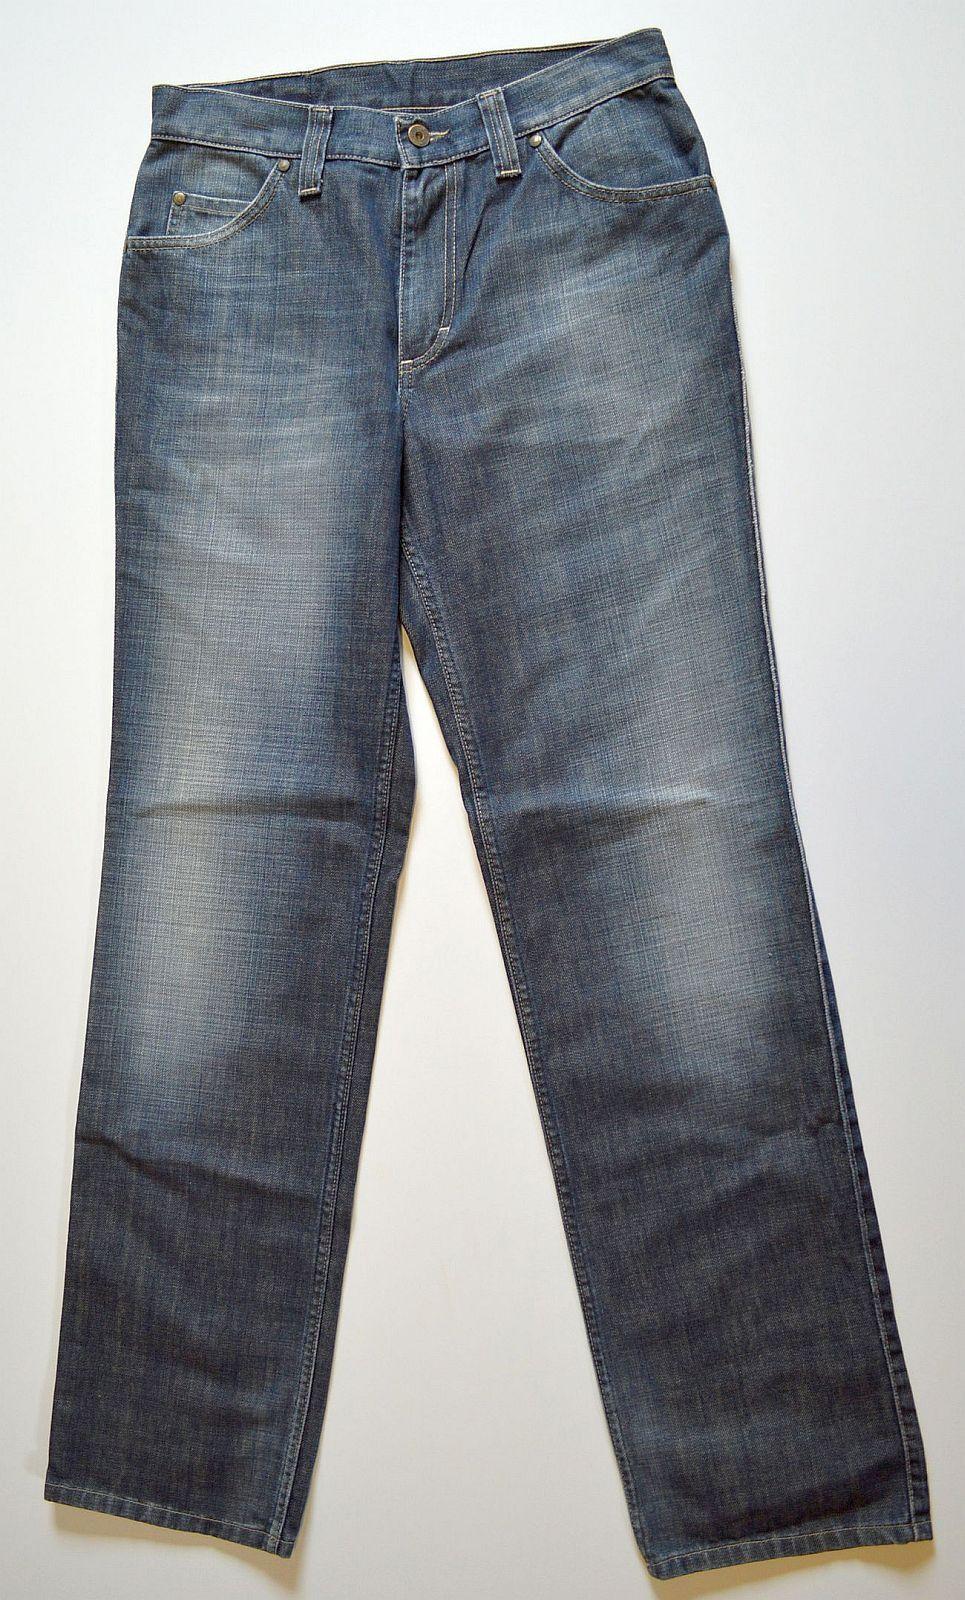 Mustang Herren Jeans Hose W32L34 (30 34) Mustang Jeans Hosen sale 22071407     | Schön geformt  | Überlegen  | Sehr gelobt und vom Publikum der Verbraucher geschätzt